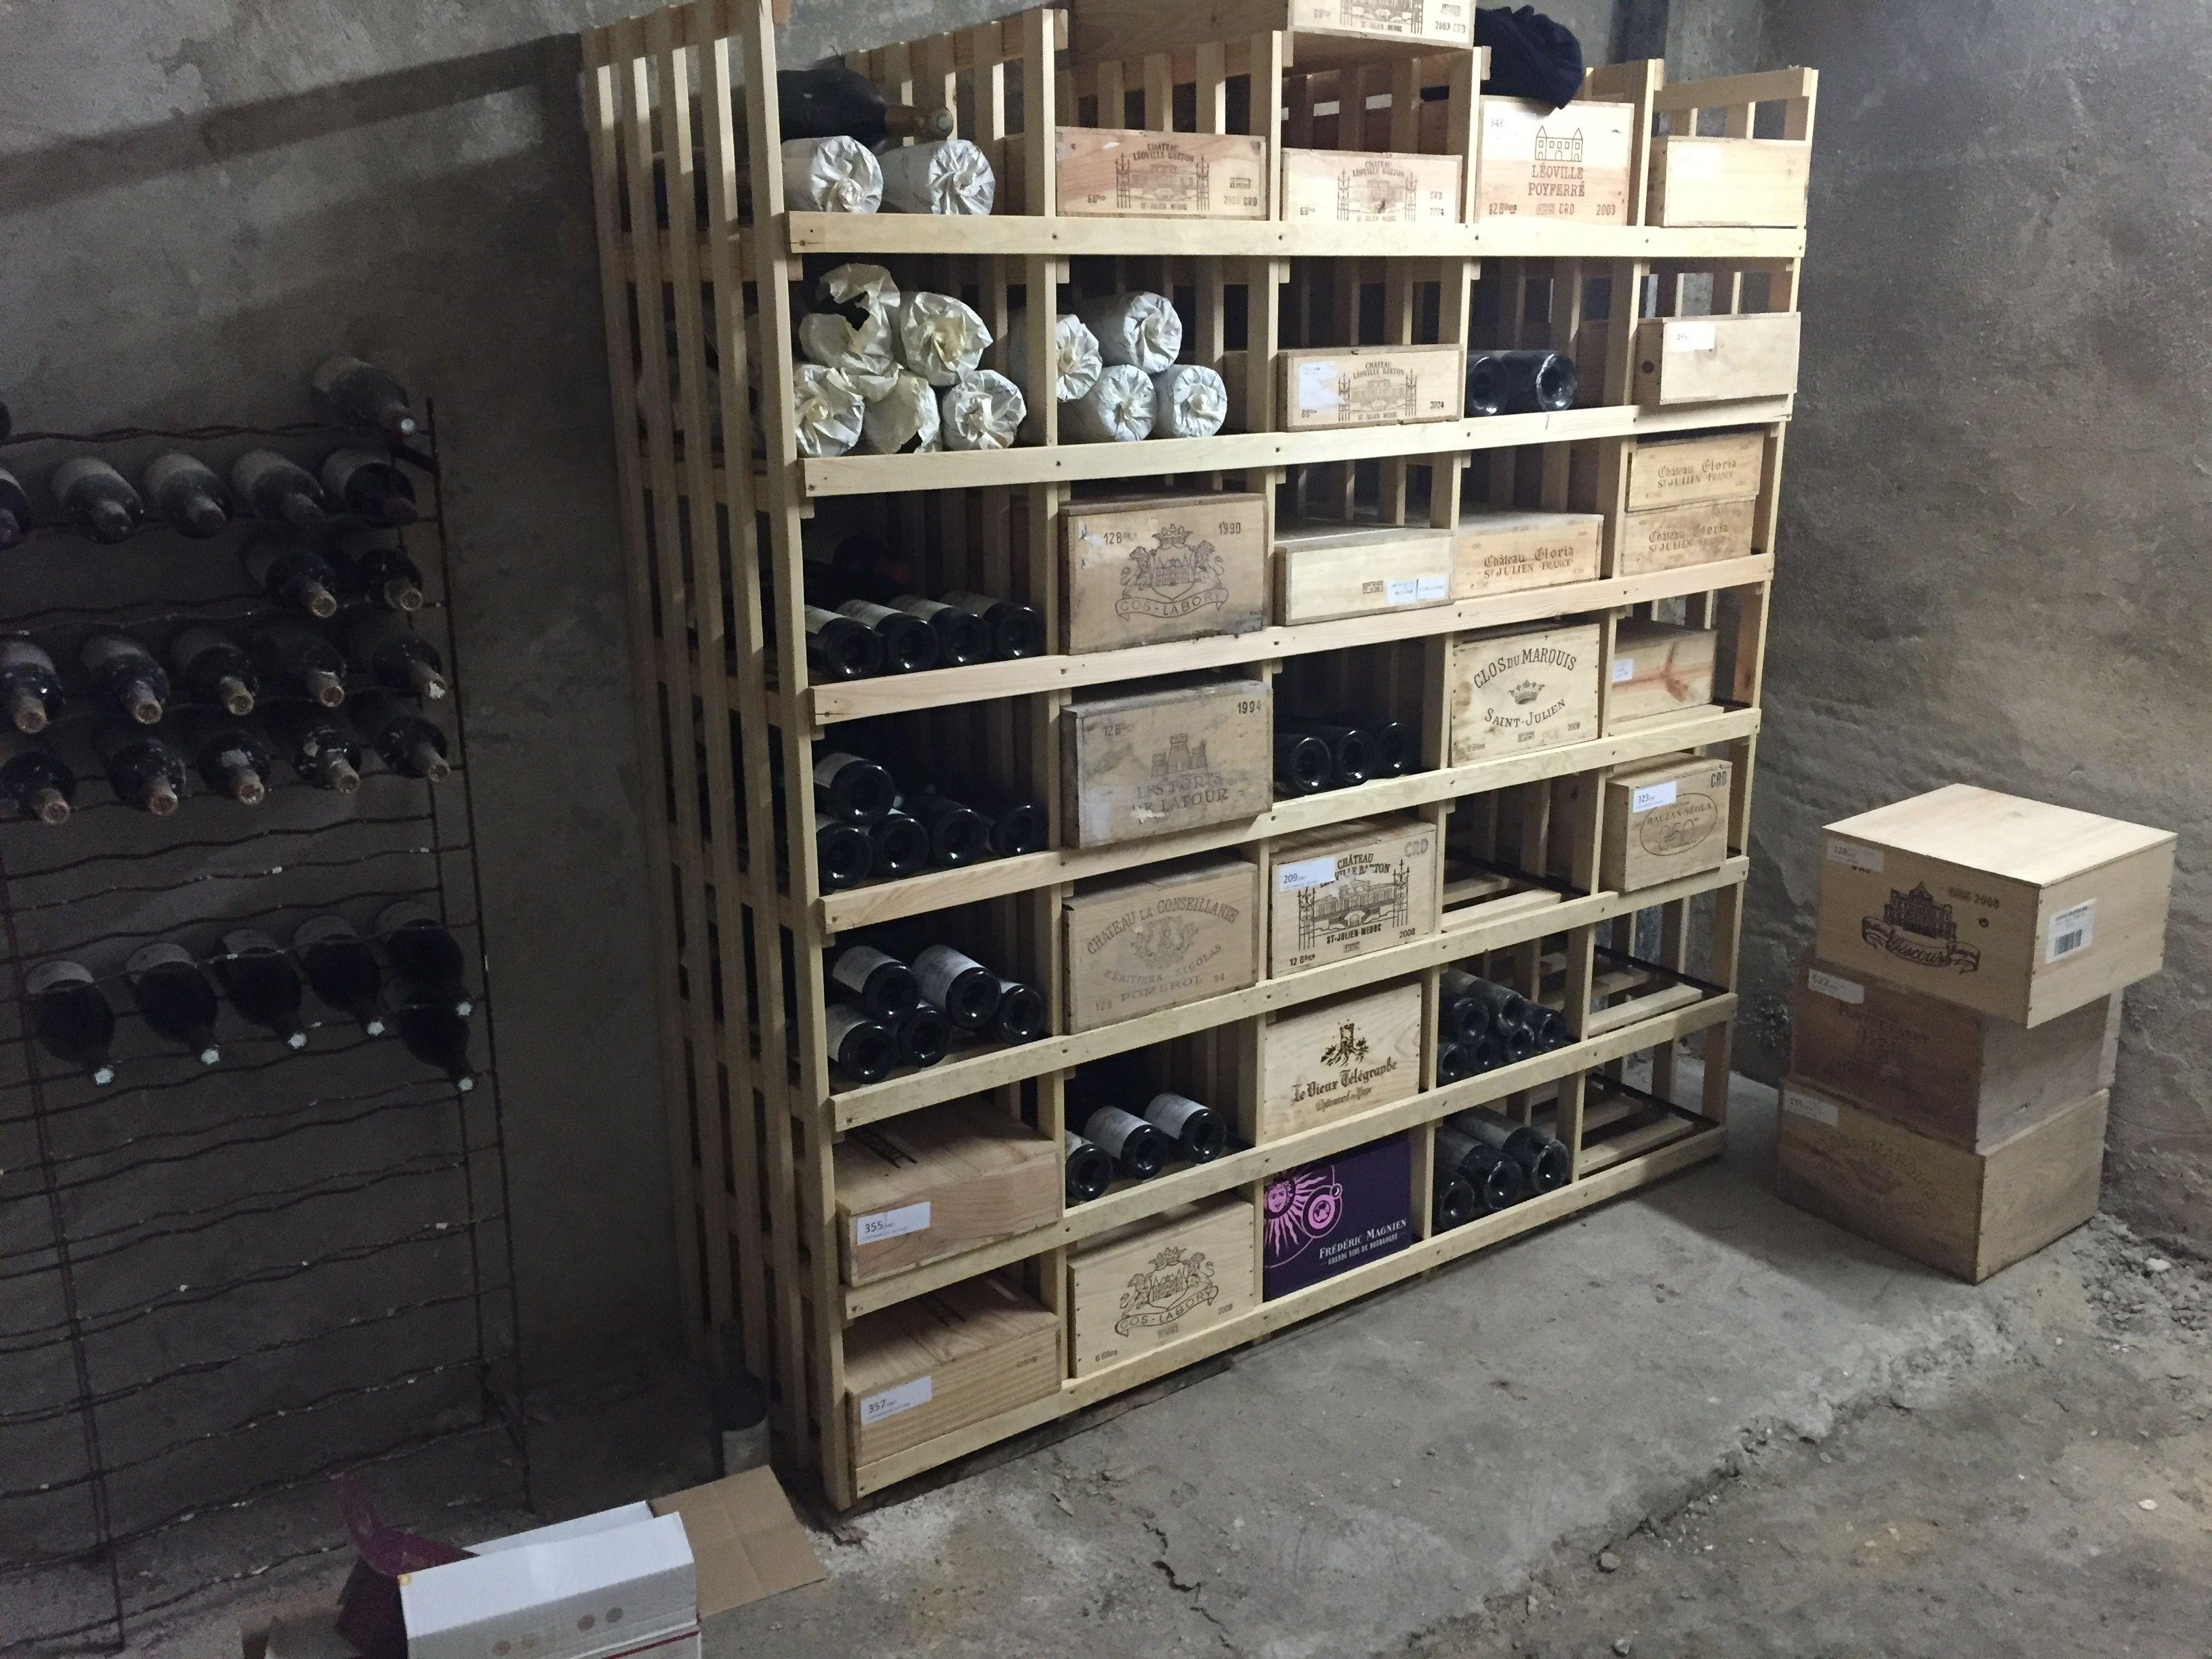 les casiers du manoir casier bouteilles casiers vin casiers magnum casiers bouteilles. Black Bedroom Furniture Sets. Home Design Ideas